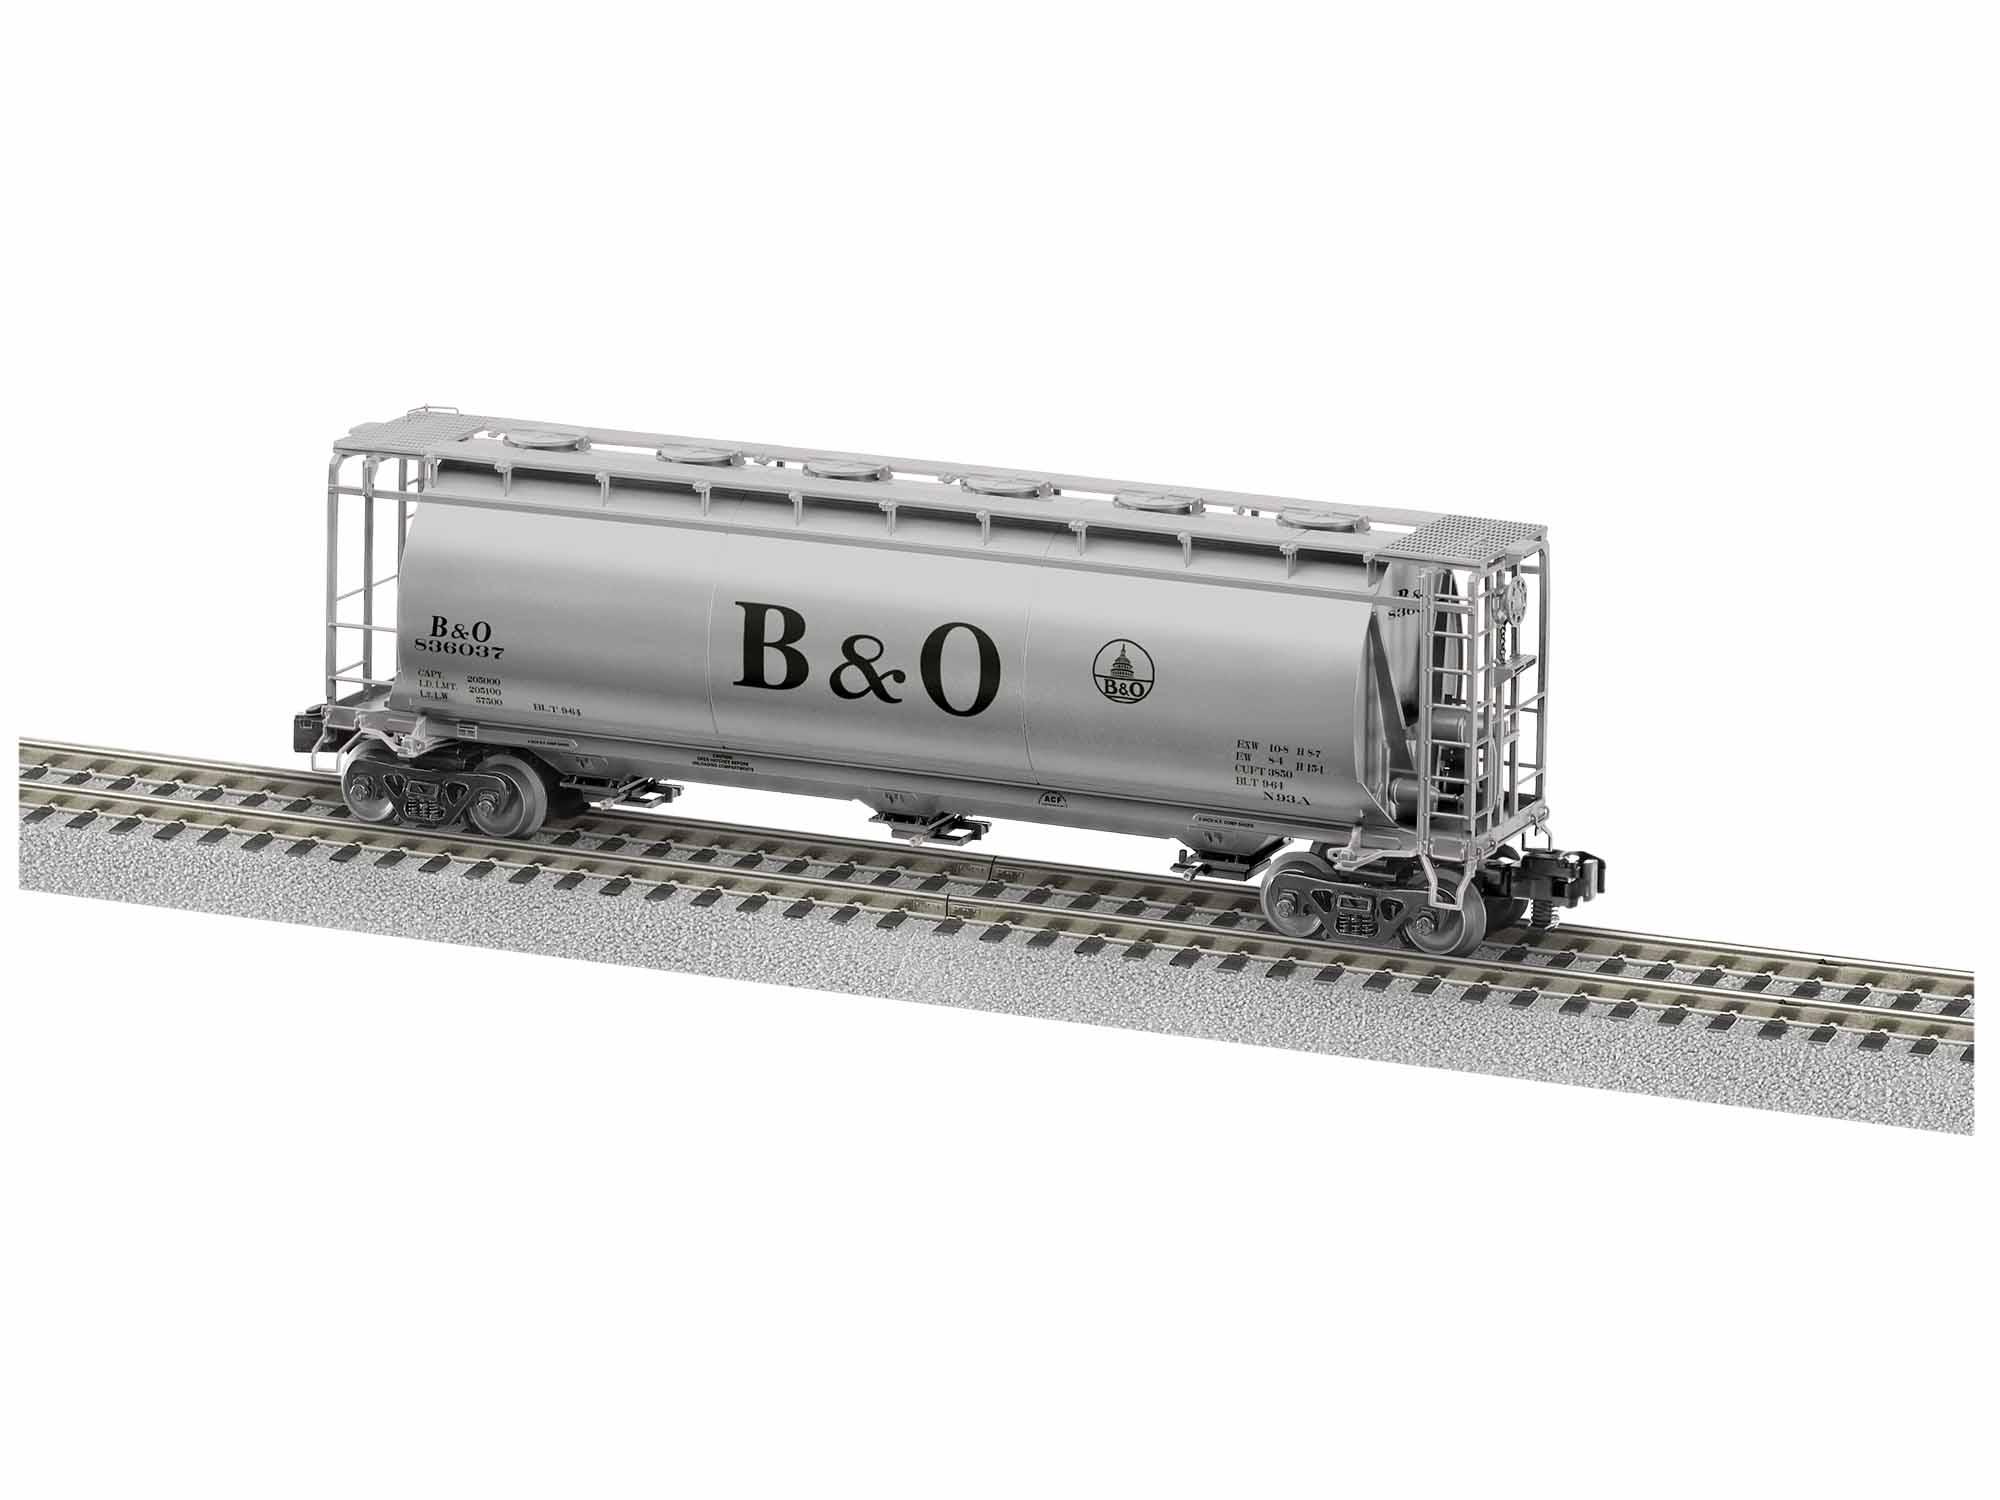 LNL1919332 Lionel S AF Cylindrical Hopper, B&O #836196